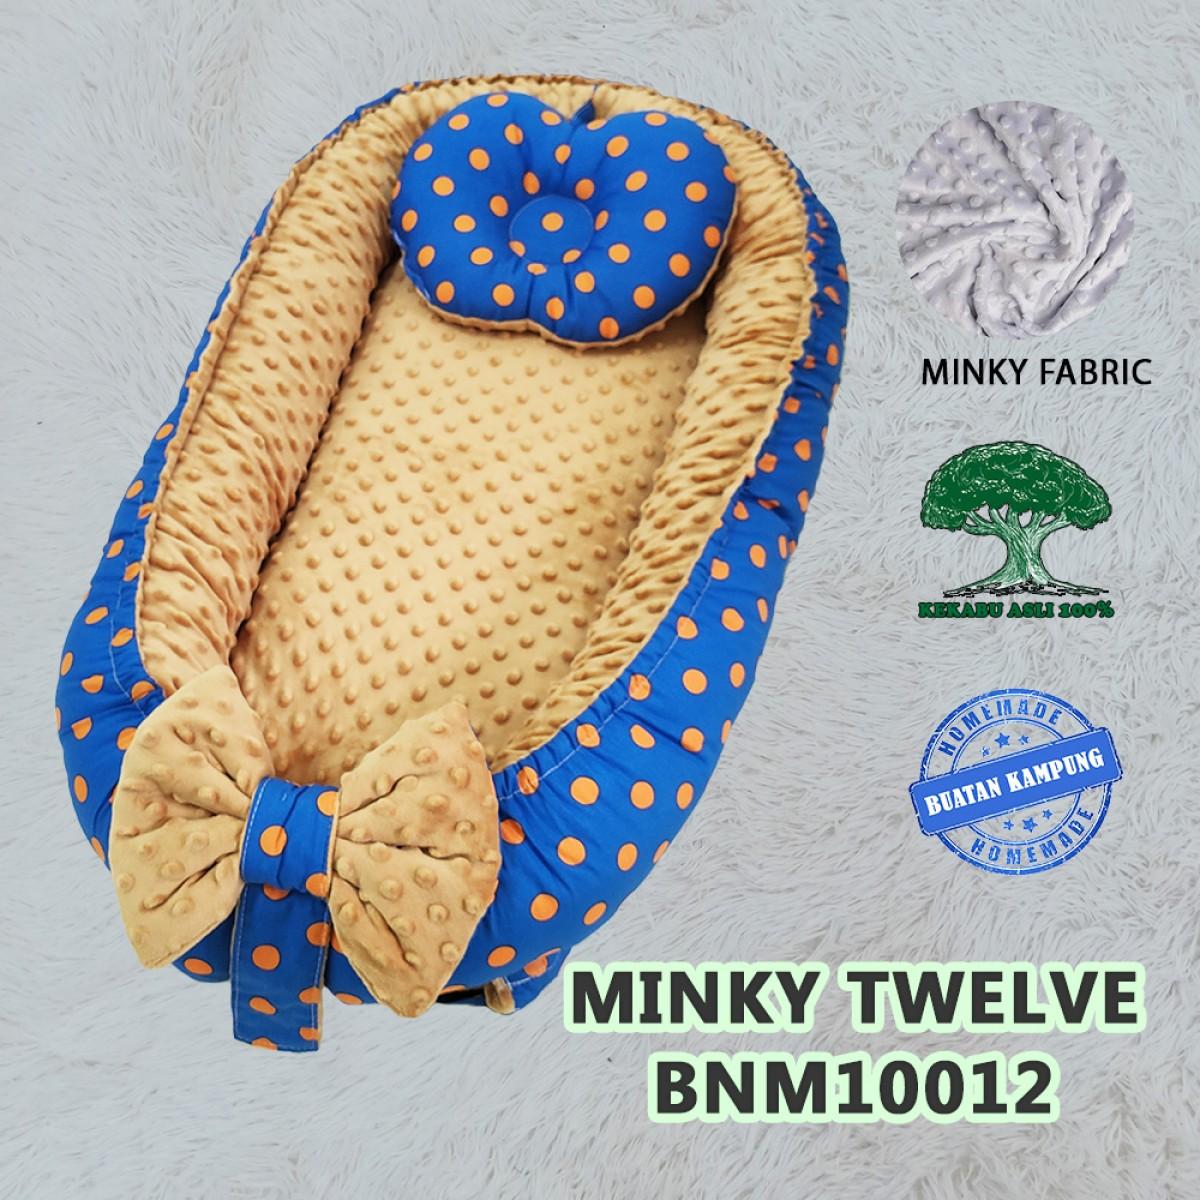 Minky Twelve - Kico Baby Center